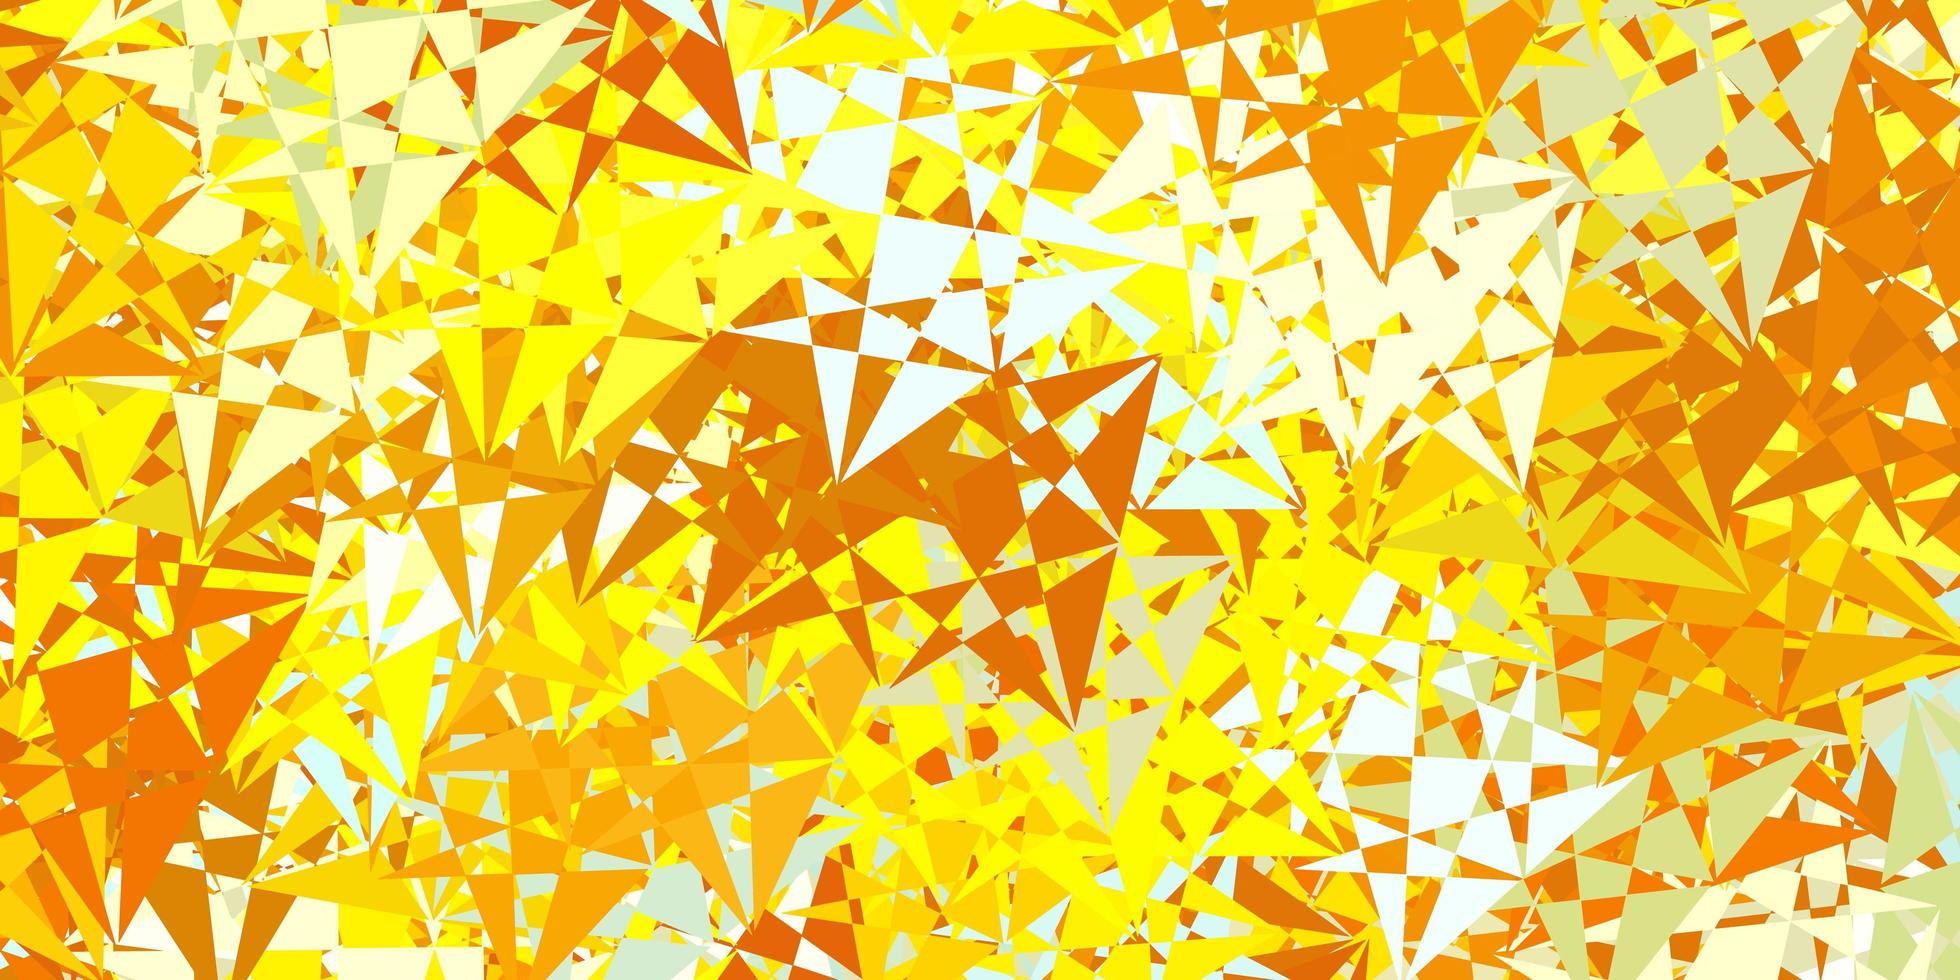 modelo de vetor azul claro e amarelo com formas de triângulo.